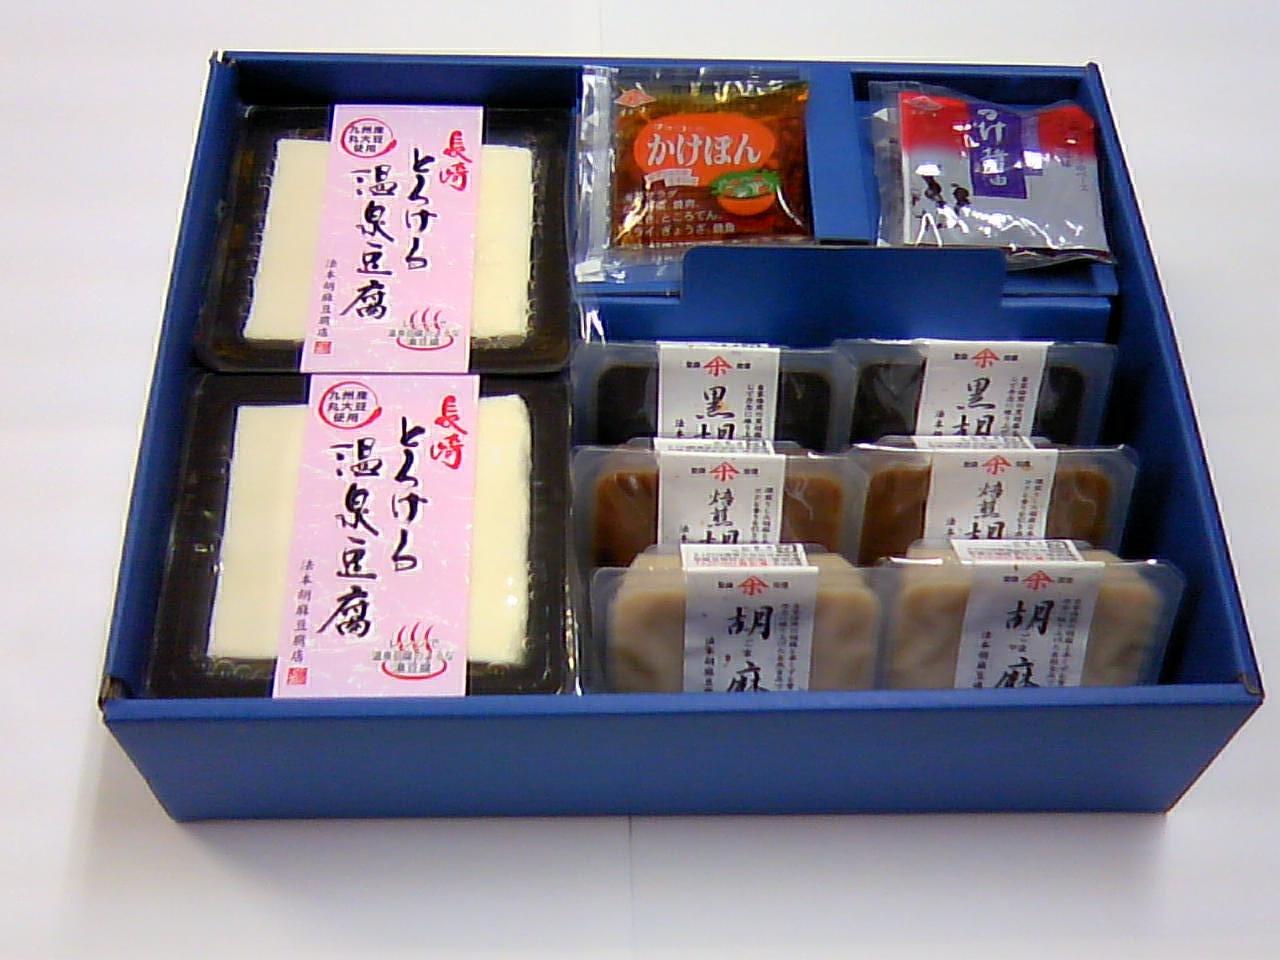 長崎胡麻とうふ温泉豆腐セット